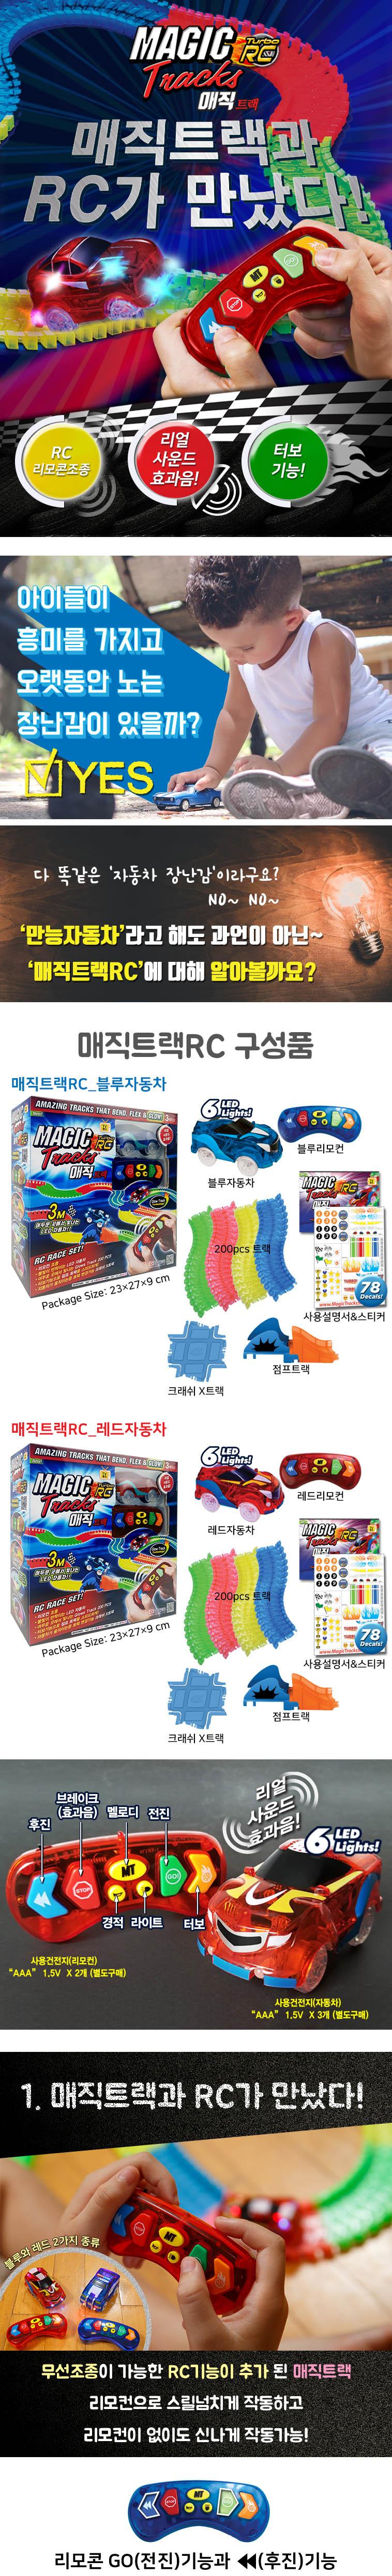 magicRC_01.jpg